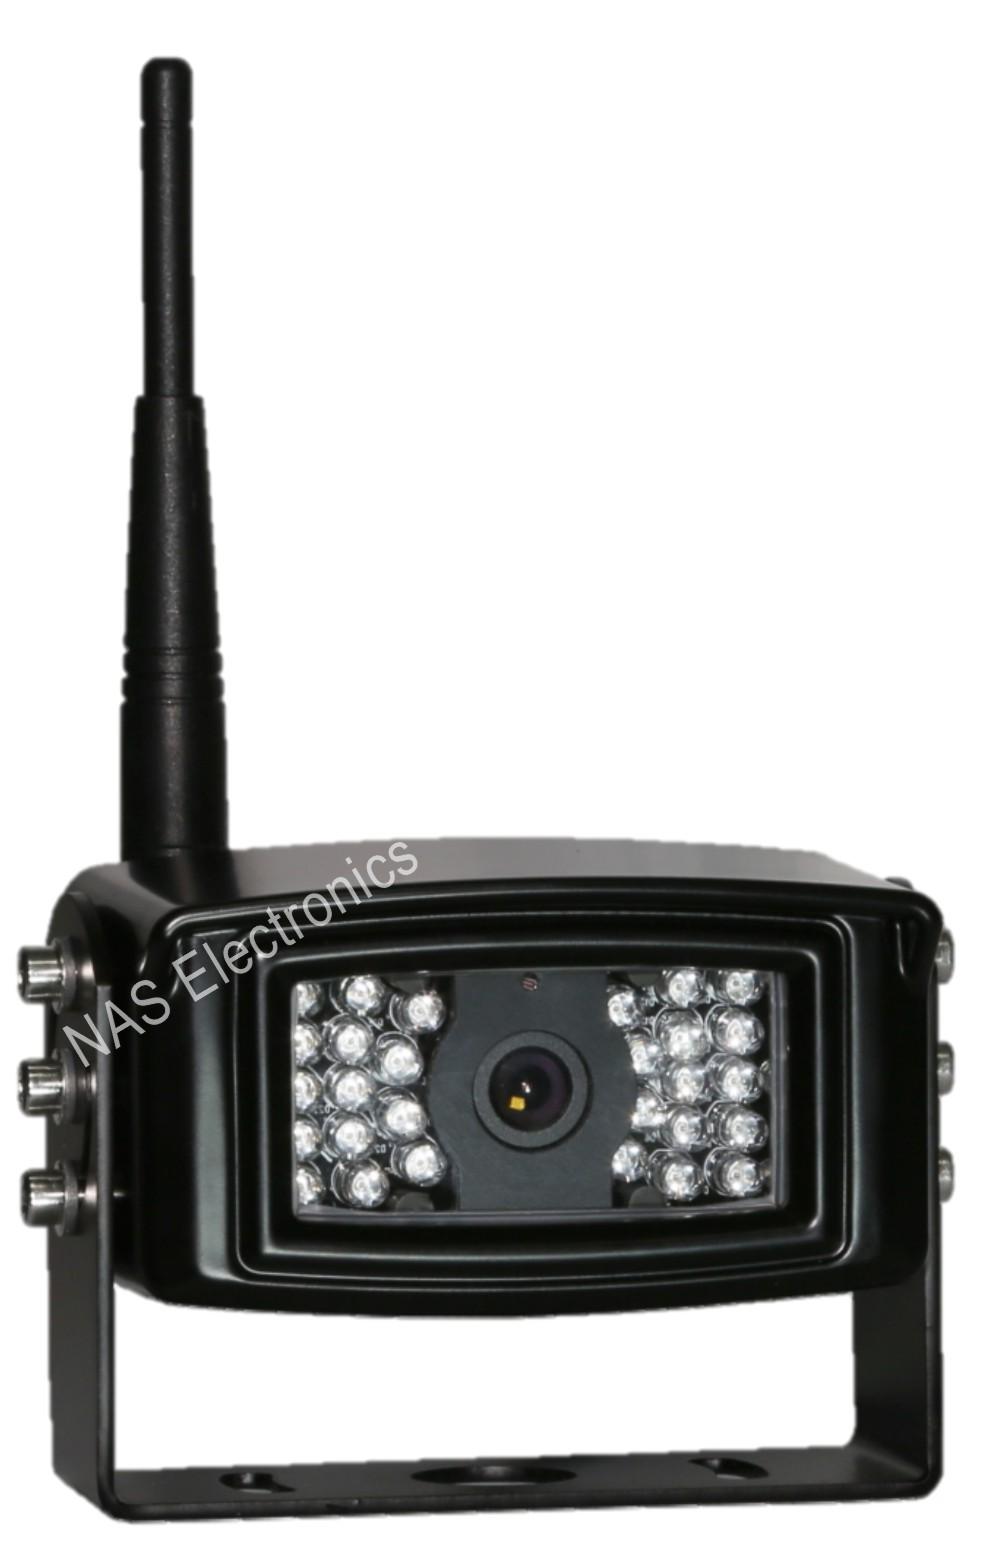 Digital Wireless Reversing Camera